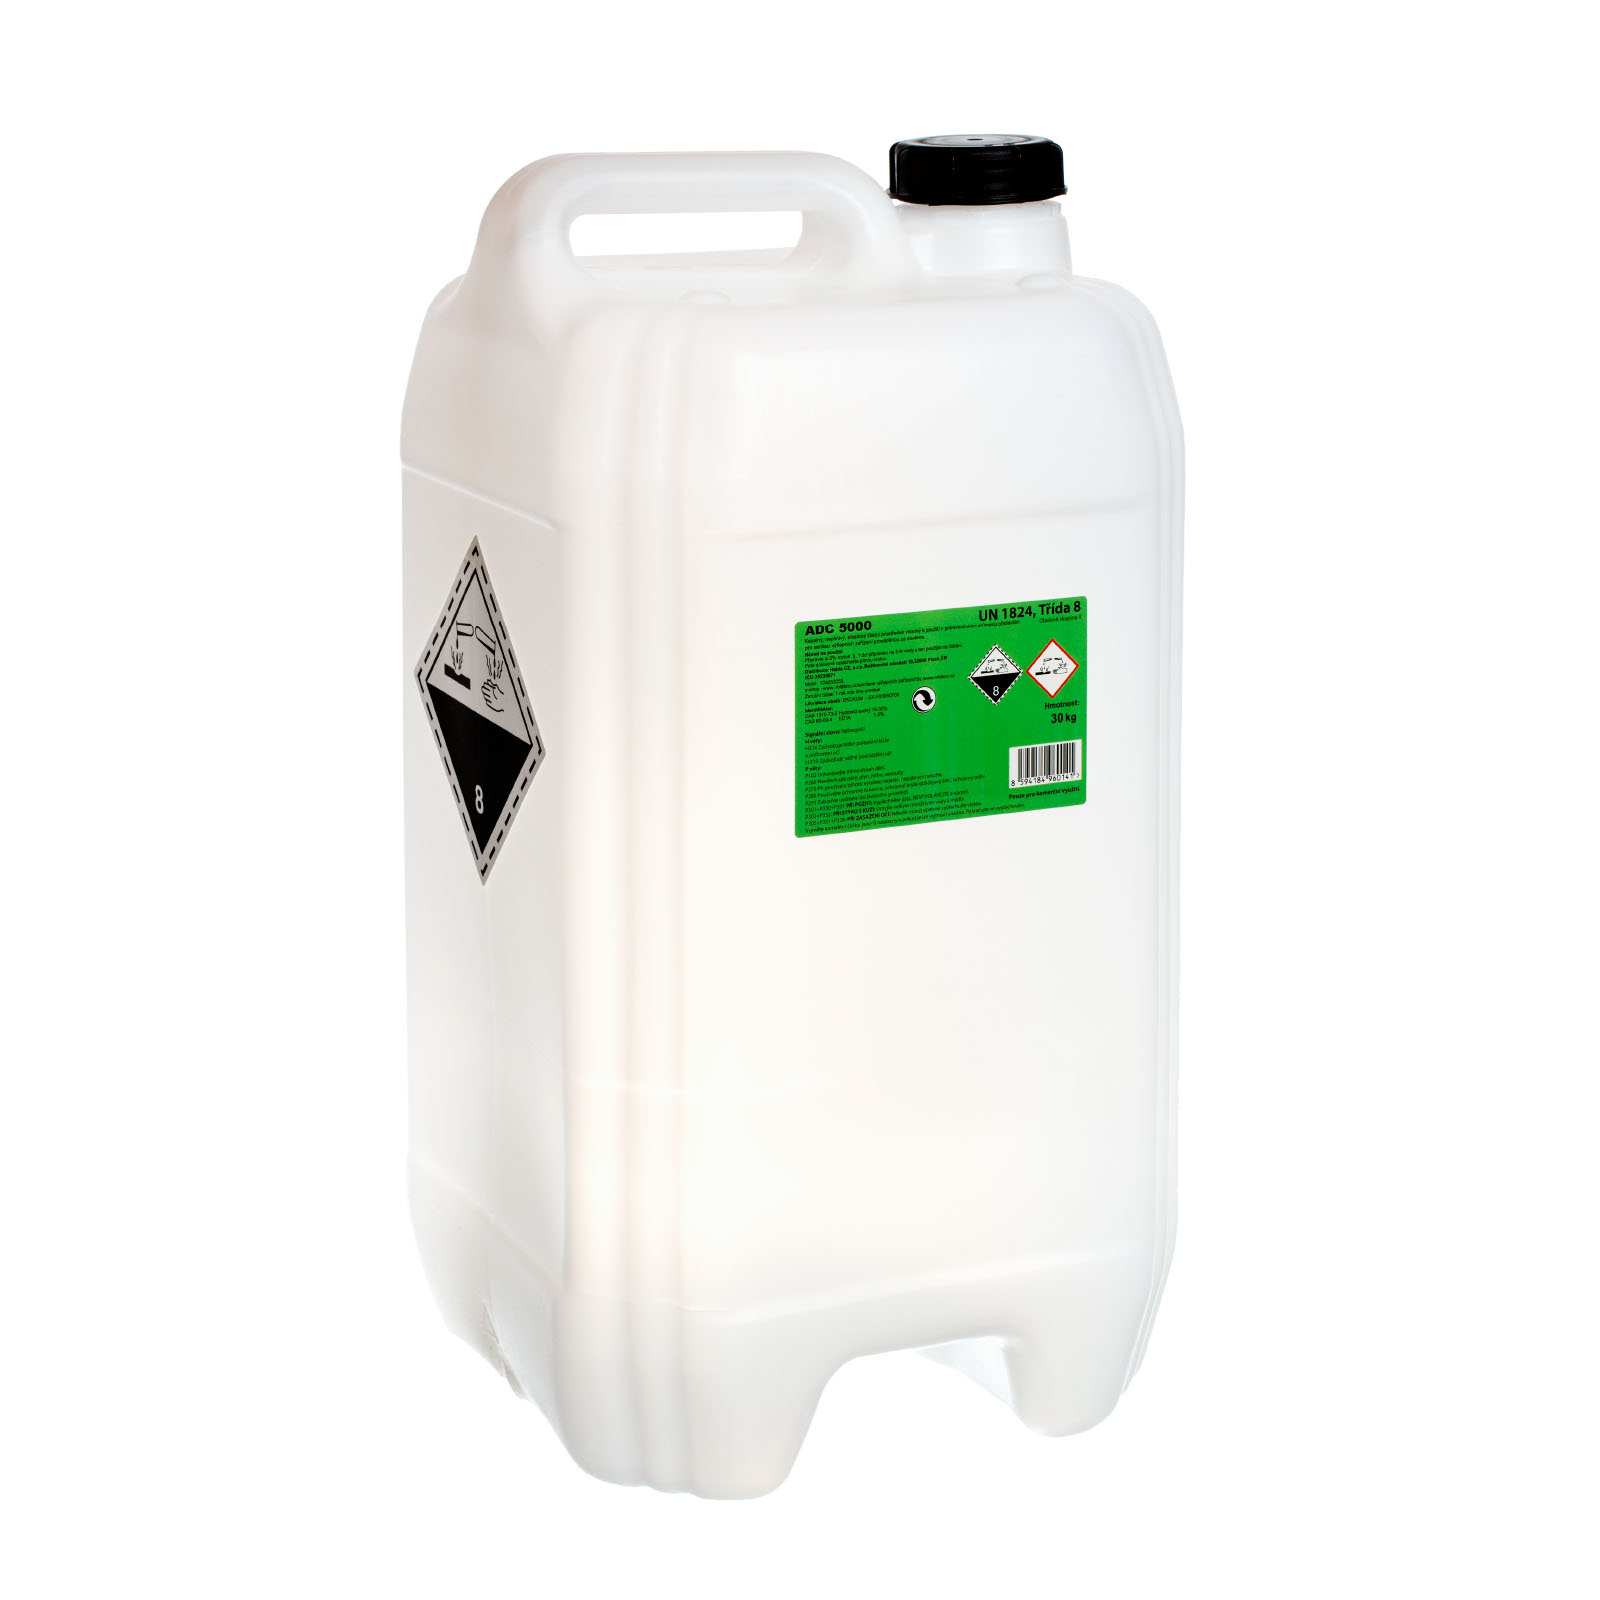 ADC 5000 balení 30 kg (81 Kč/kg)